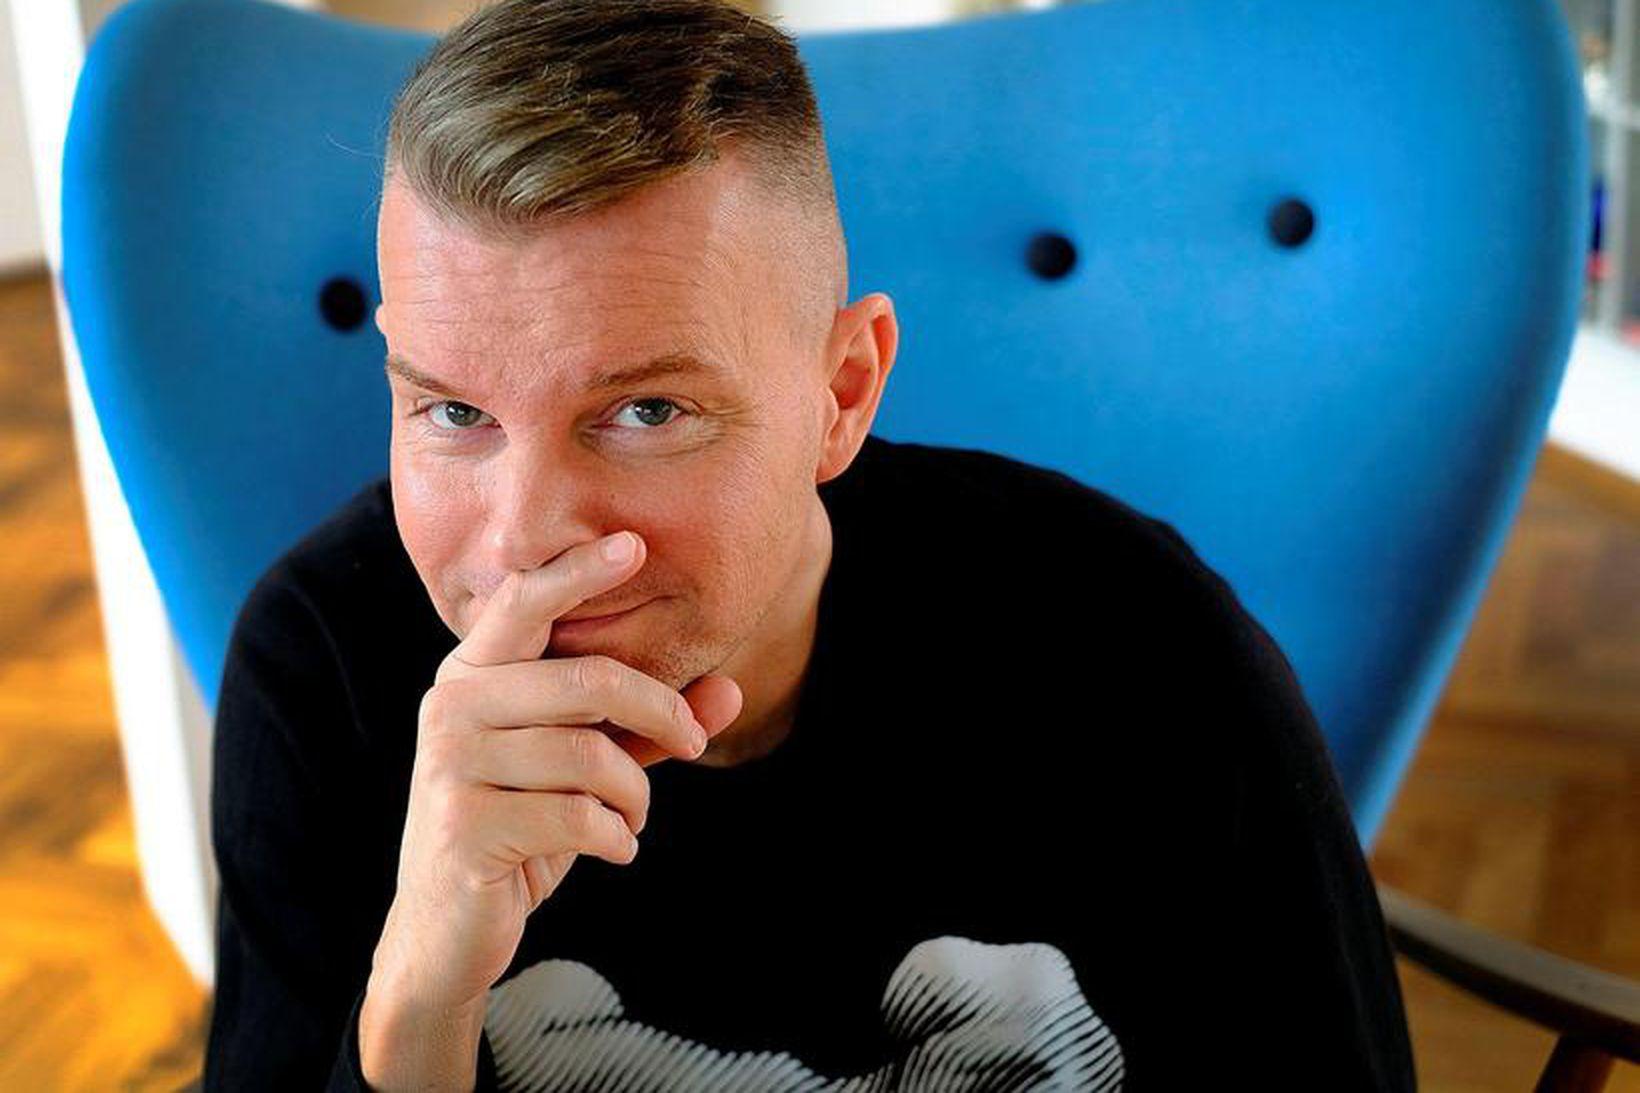 Páll Óskar Hjálmtýsson.